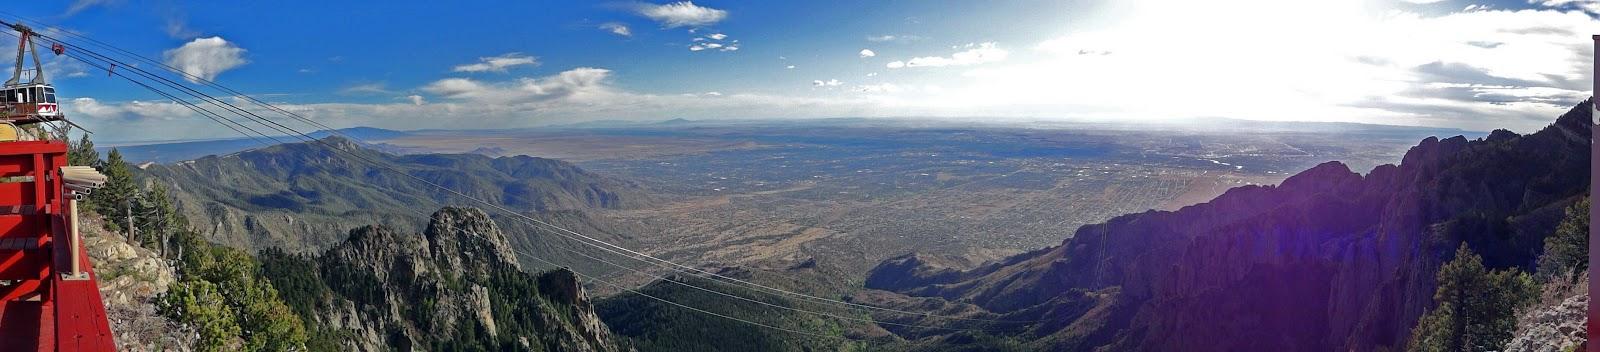 Sandia Mountains - Wikipedia